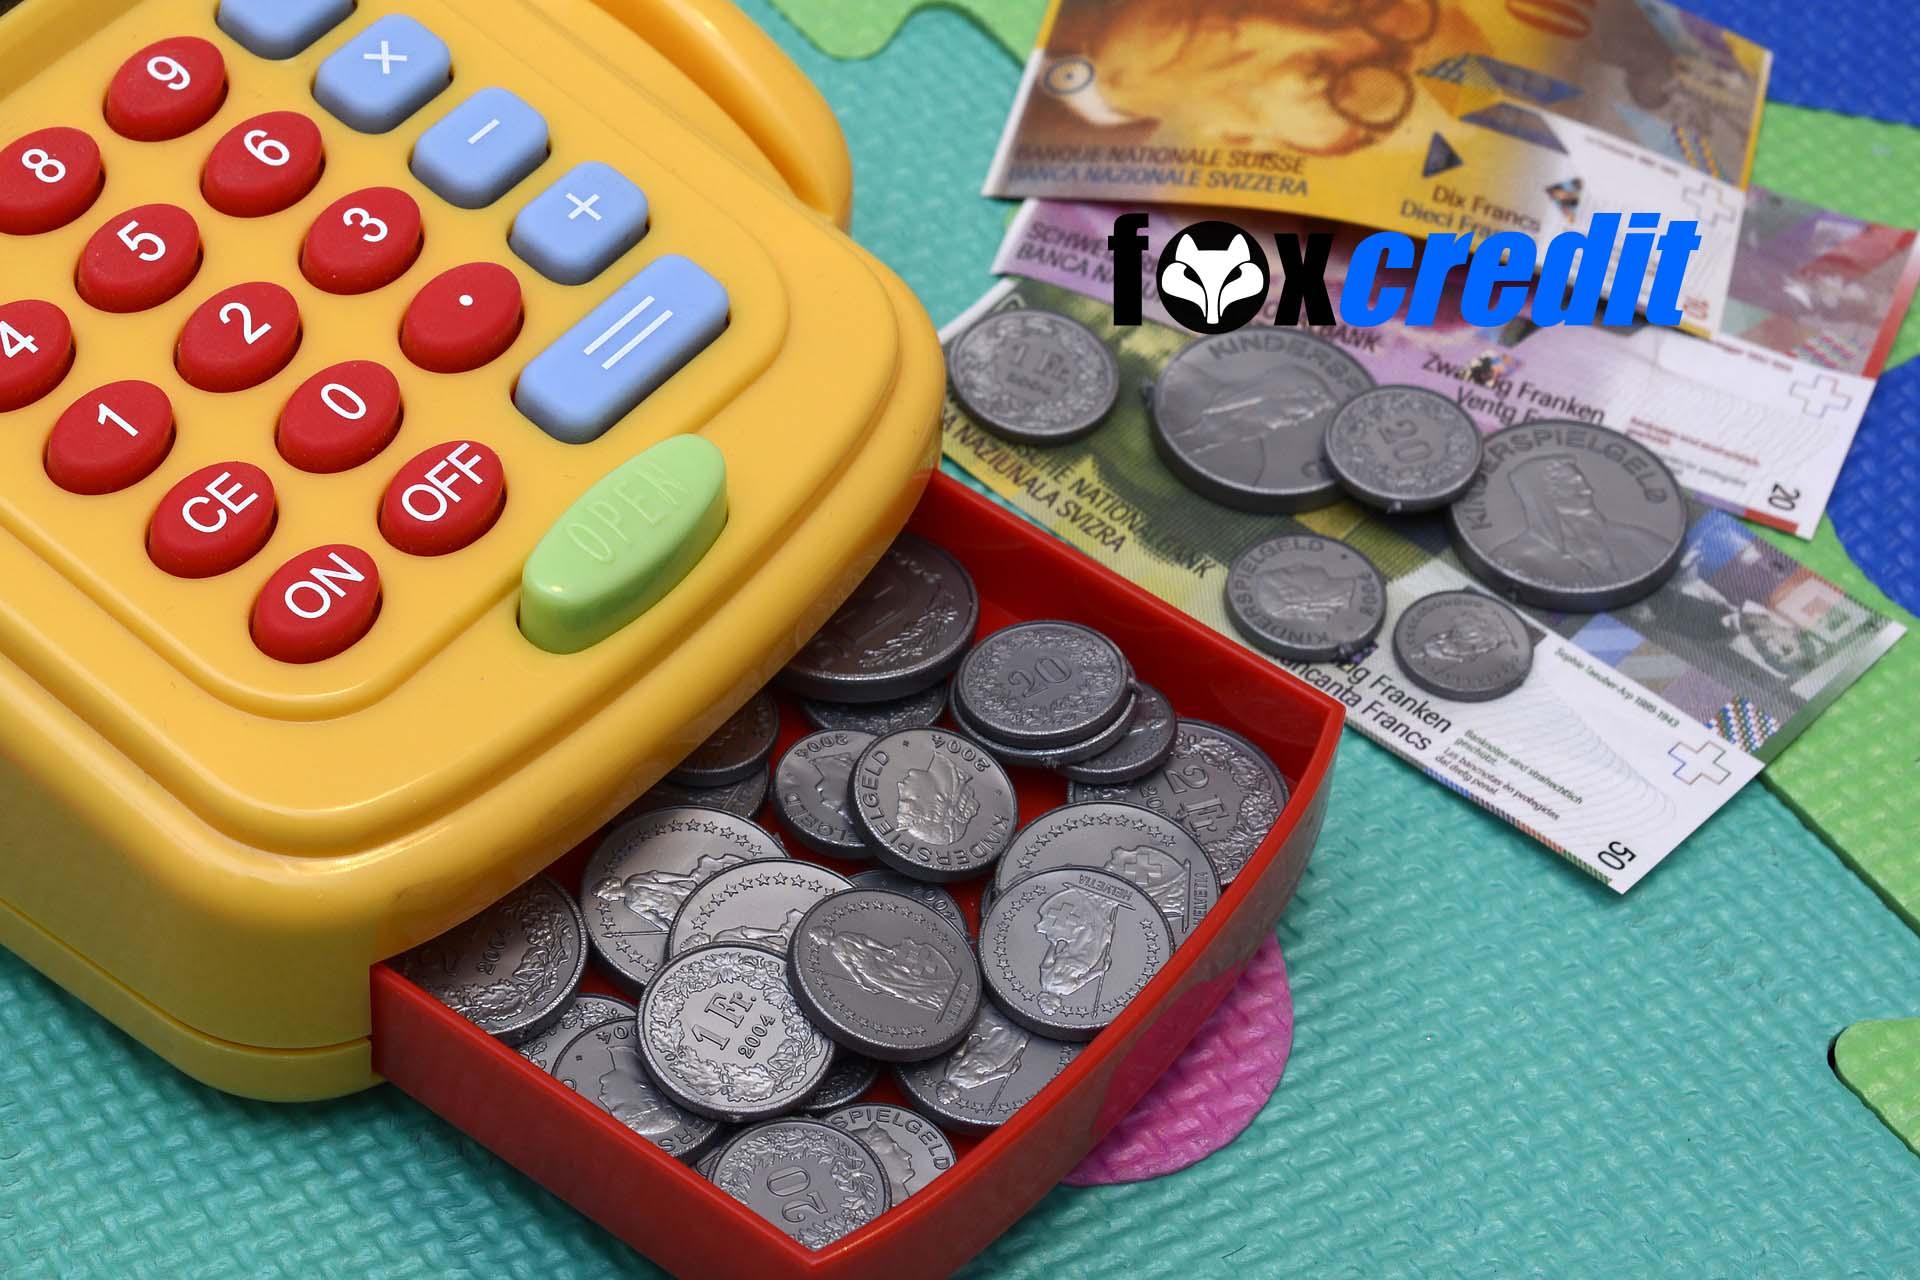 ZEK, Ferien Kredit, Ferien, Fuchs. Gold, Sparen, Milliardär, China, Leitzins, Cembra, Geldschwemme, Zinsobergrenze, Foxcredit, Kleinkredit, Online Kredit, Onlinekredit, Finanzierung, Kredit, loan, Leasing, Zinssatz, Hypothek, Bank, Bankkonto, Brexit, Bitcoin, Auslandschweizern, Finanzjongleure, Eurozone, Euro, Franken, Krypto, Bankenchefs, Dollar, Auto Kredit, Ferien Kredit, Wein Kredit, Immo Kredit, Raten Kredit, Medi Kredit, Privat Kredit, Klein Kredit, Sofort Kredit, Umschuldungs Kredit, Raten Kredit, FAQ, Glossar, Impressum, Fuchs. Gold, Sparen, Milliardär, China, Leitzins, Cembra, Geldschwemme, Zinsobergrenze, Foxcredit, Kleinkredit, Online Kredit, Onlinekredit, Finanzierung, Kredit, loan, Leasing, Zinssatz, Hypothek, Bank, Bankkonto, Brexit, Bitcoin, Auslandschweizern, Finanzjongleure, Eurozone, Euro, Franken, Krypto, Bankenchefs, Dollar, Auto Kredit, Ferien Kredit, Wein Kredit, Immo Kredit, Raten Kredit, Medi Kredit, Privat Kredit, Klein Kredit, Sofort Kredit, Umschuldungs Kredit, Raten Kredit, FAQ, Glossar, Kredit Banken, Kreditinformation, Ratgeber, Zahlen, Fakten, Download, Downloads, Gesetz, Vorlagen, Kontakt, Kreditarten, Kredit Arten, Sitemap, Casino, Versicherung, News, Blog, Fox News, FoxNews, Selbständige, Schweizer Kredit, Kreditinformation,